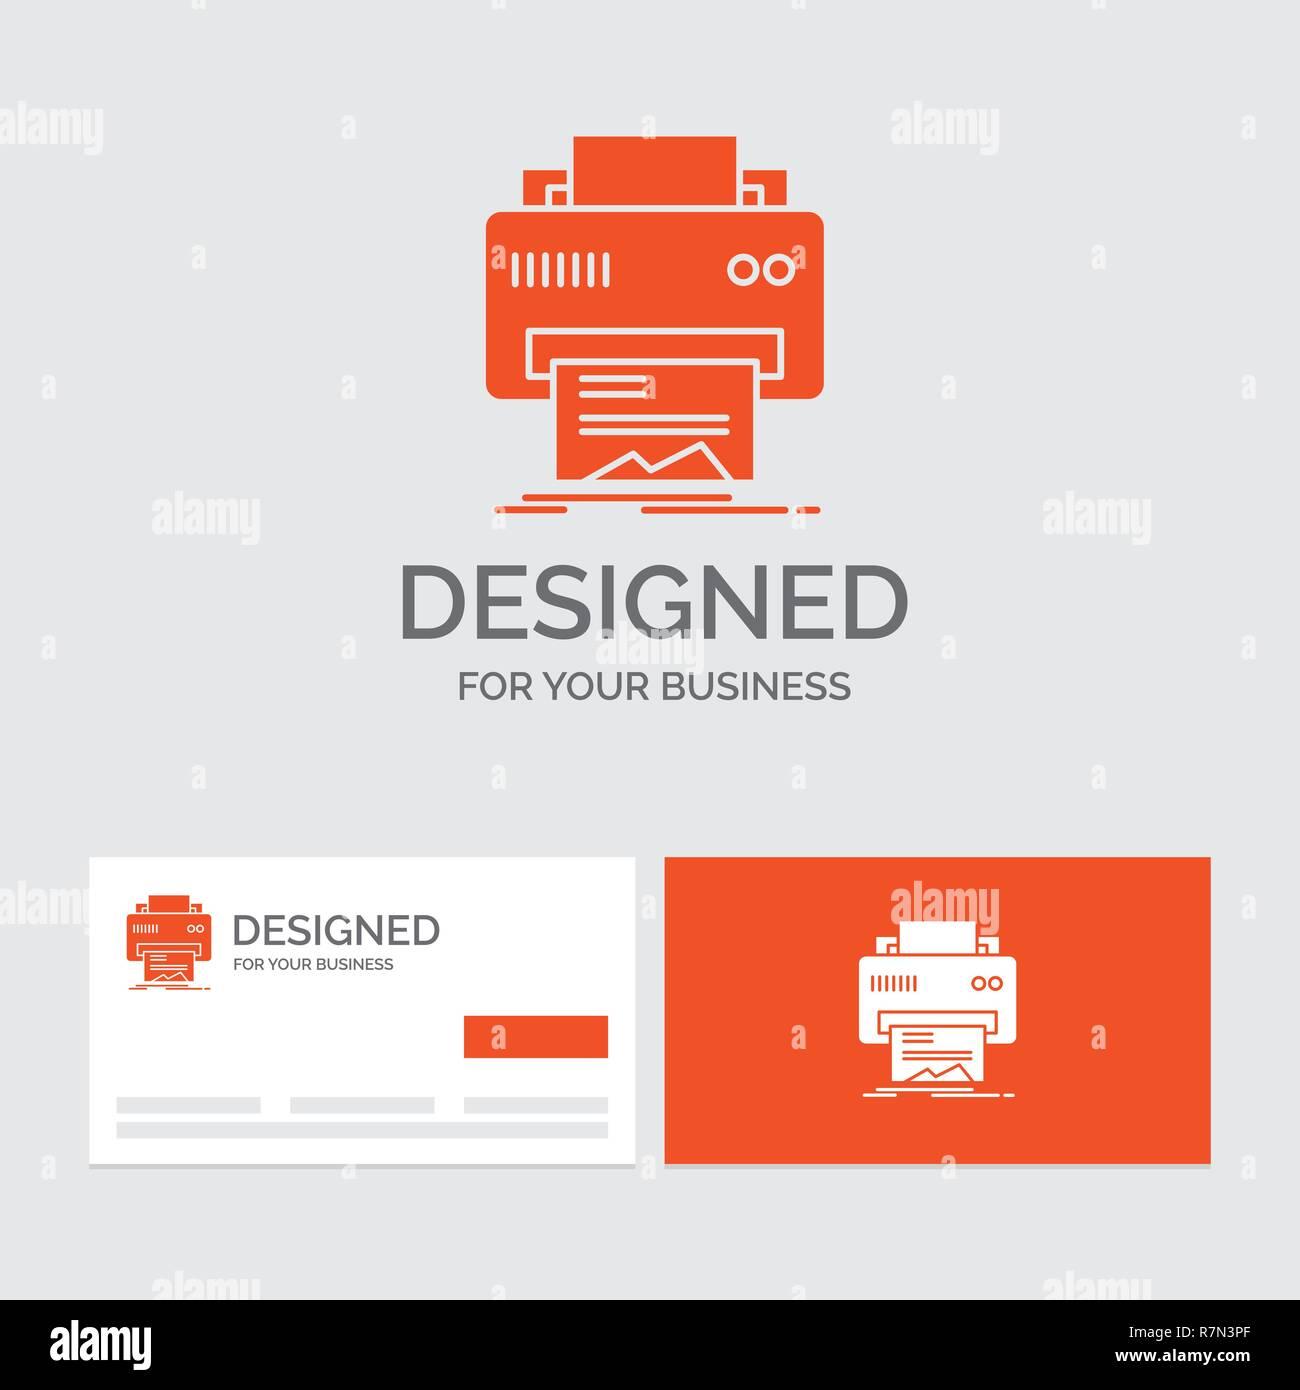 Modele De Logo Dentreprise Pour Le Numerique Imprimante Impression Materiel Papier Cartes Visite Orange Avec Marque